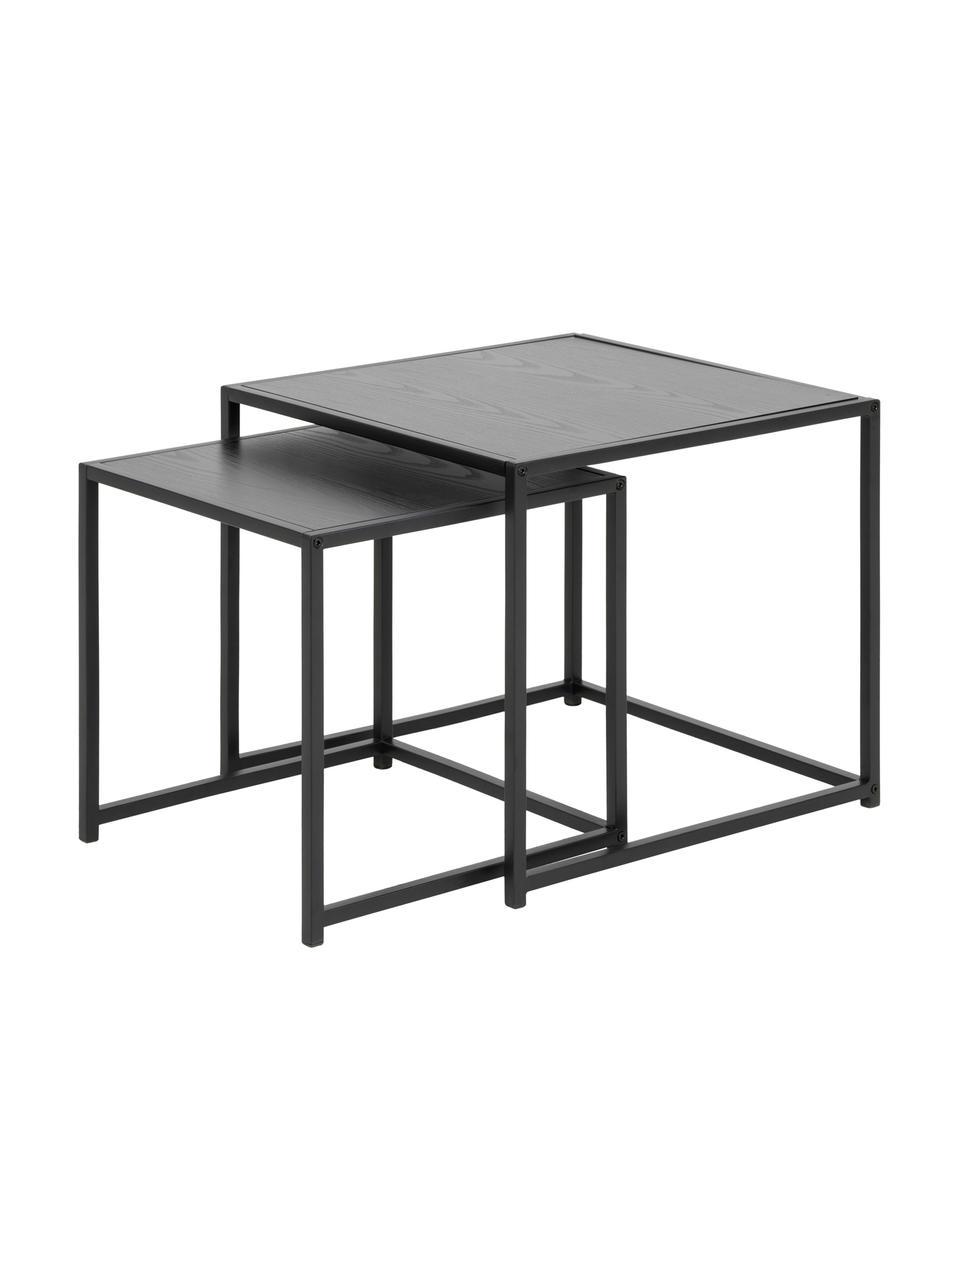 Beistelltische-Set Seaford, 2-tlg., Mitteldichte Holzfaserplatte (MDF), Metall, Schwarz, Sondergrößen